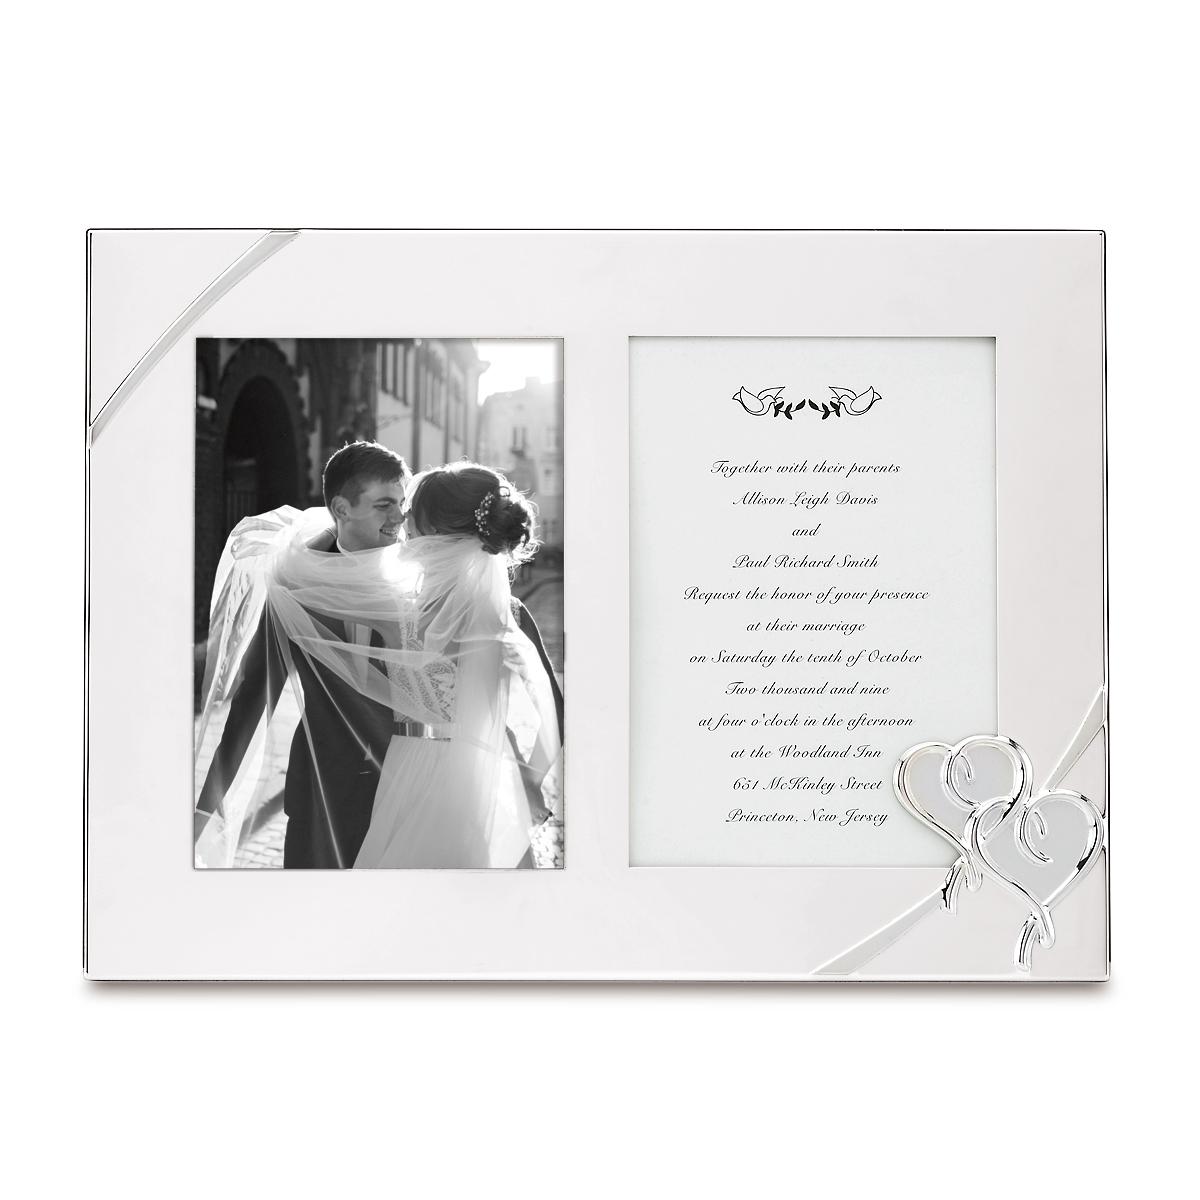 Lenox True Love Double Invitation Picture Frame